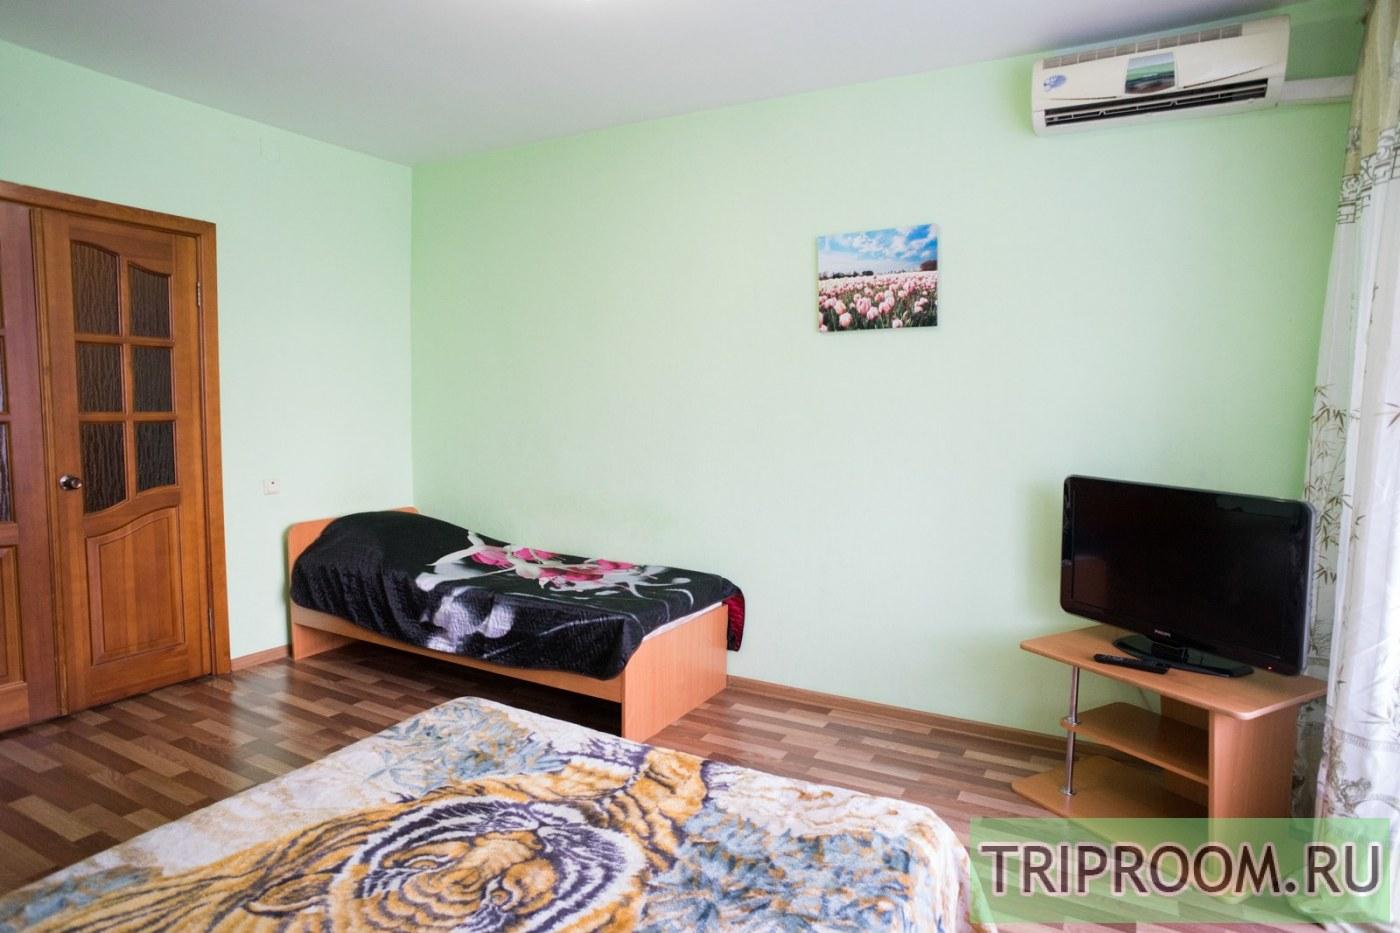 1-комнатная квартира посуточно (вариант № 40129), ул. Красноярский Рабочий проспект, фото № 4